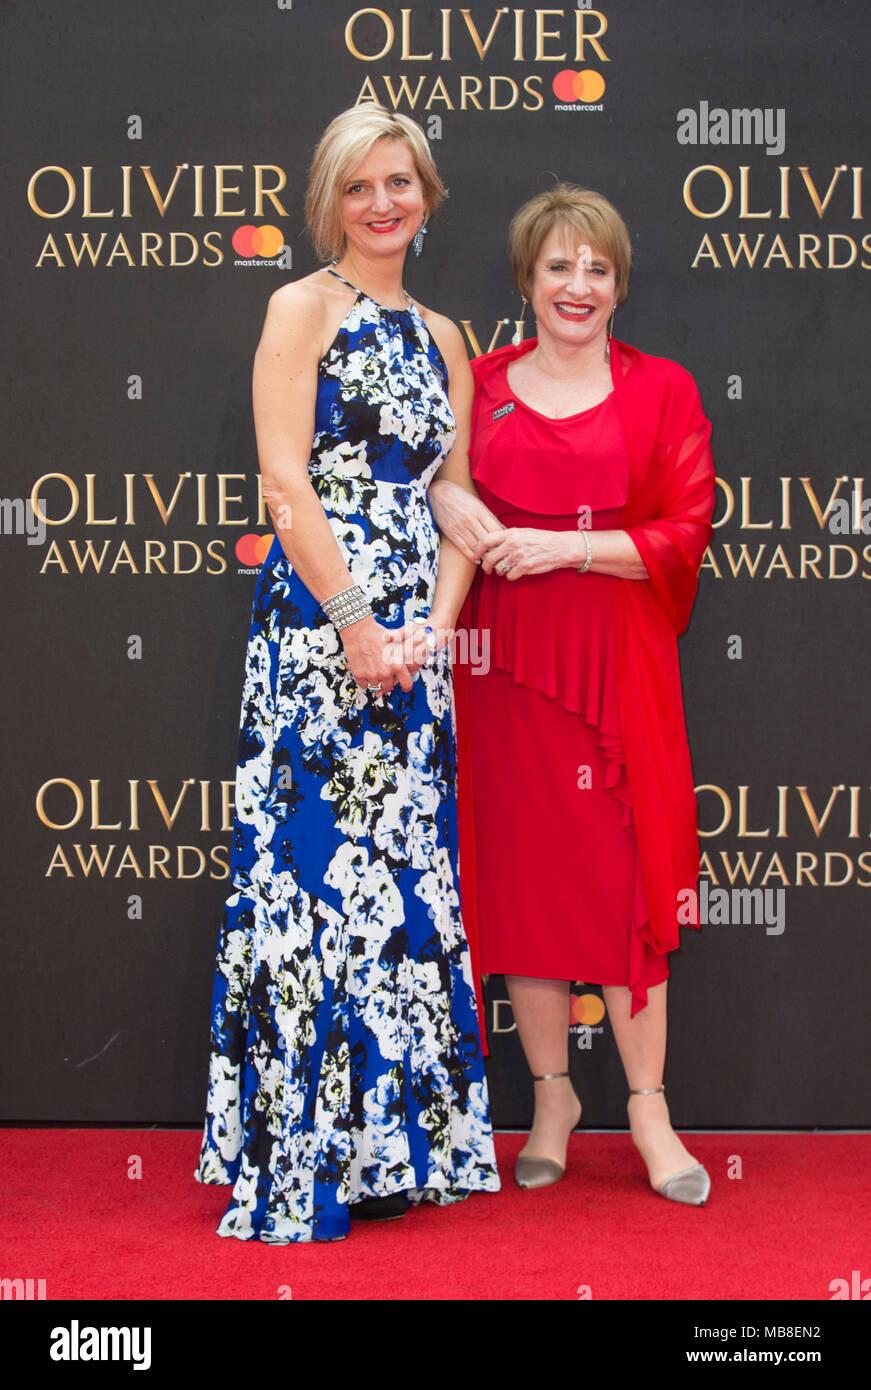 Marianne Elliott (left) arriving for The Olivier Awards at the Royal Albert Hall in London. - Stock Image